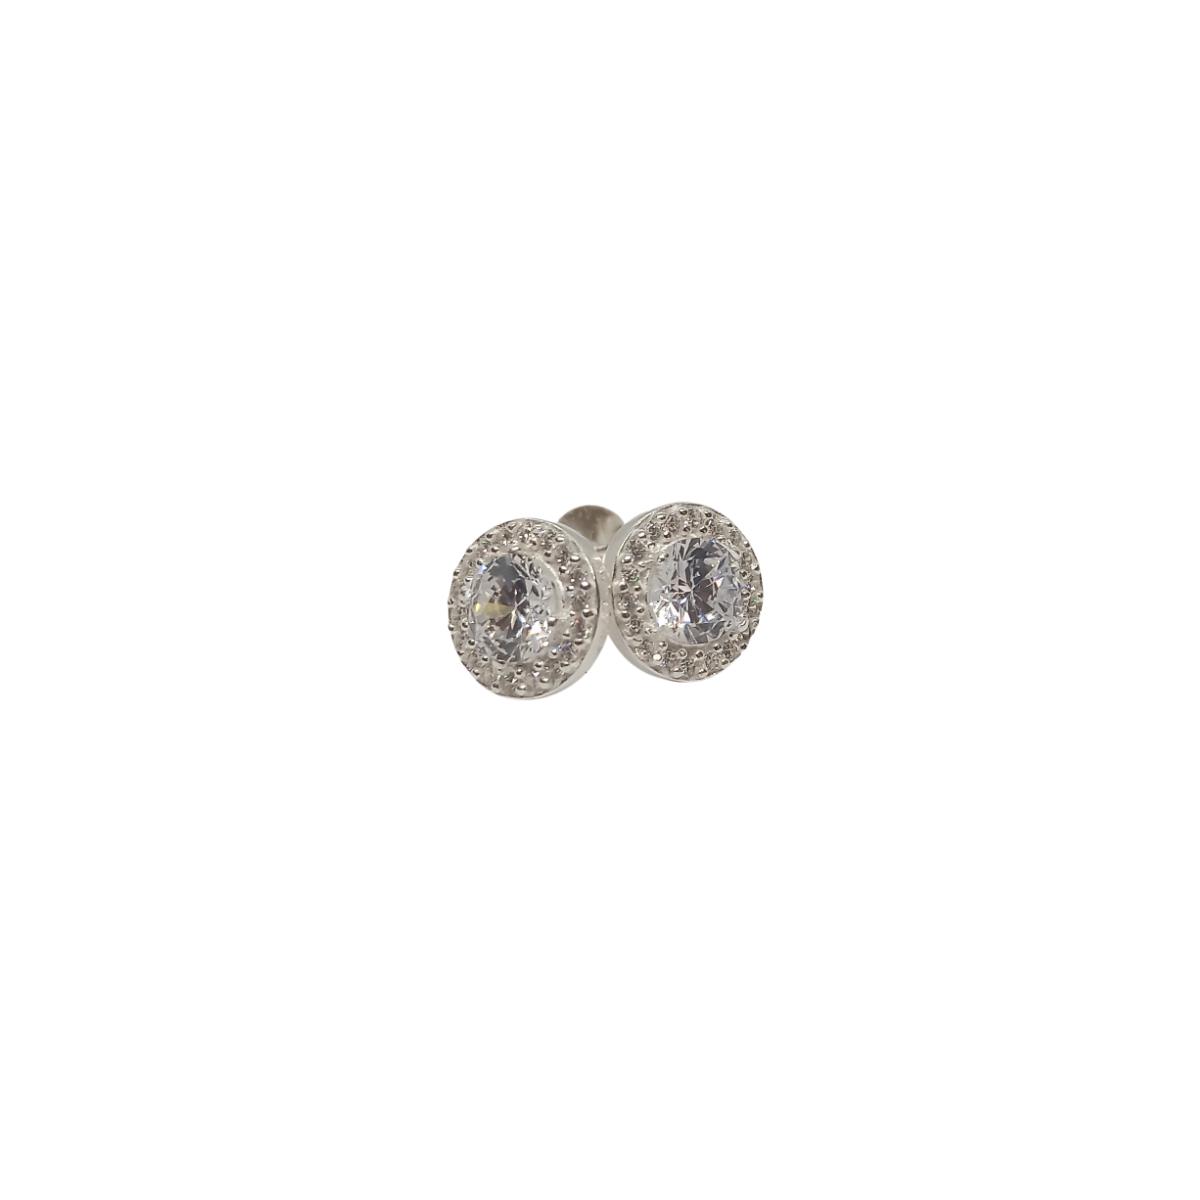 Brinco Solitário, Cravação lateral em Zircônia, Prata 925